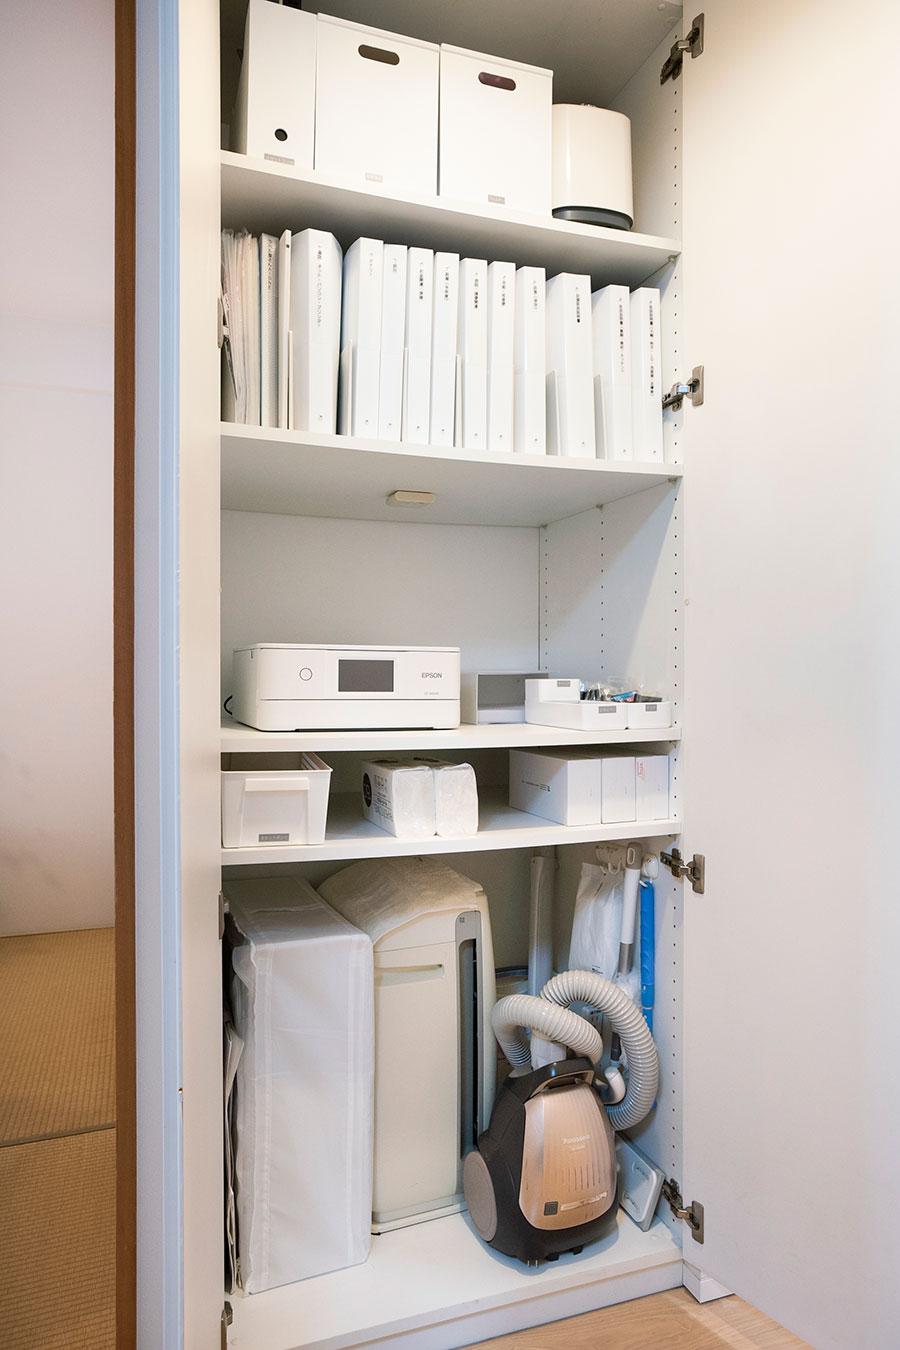 LDKよりのストレージ。キッチンに収まり切らないキッチン家電などを。中段はプリンターコーナー。作業時に必要な文具も備えている。